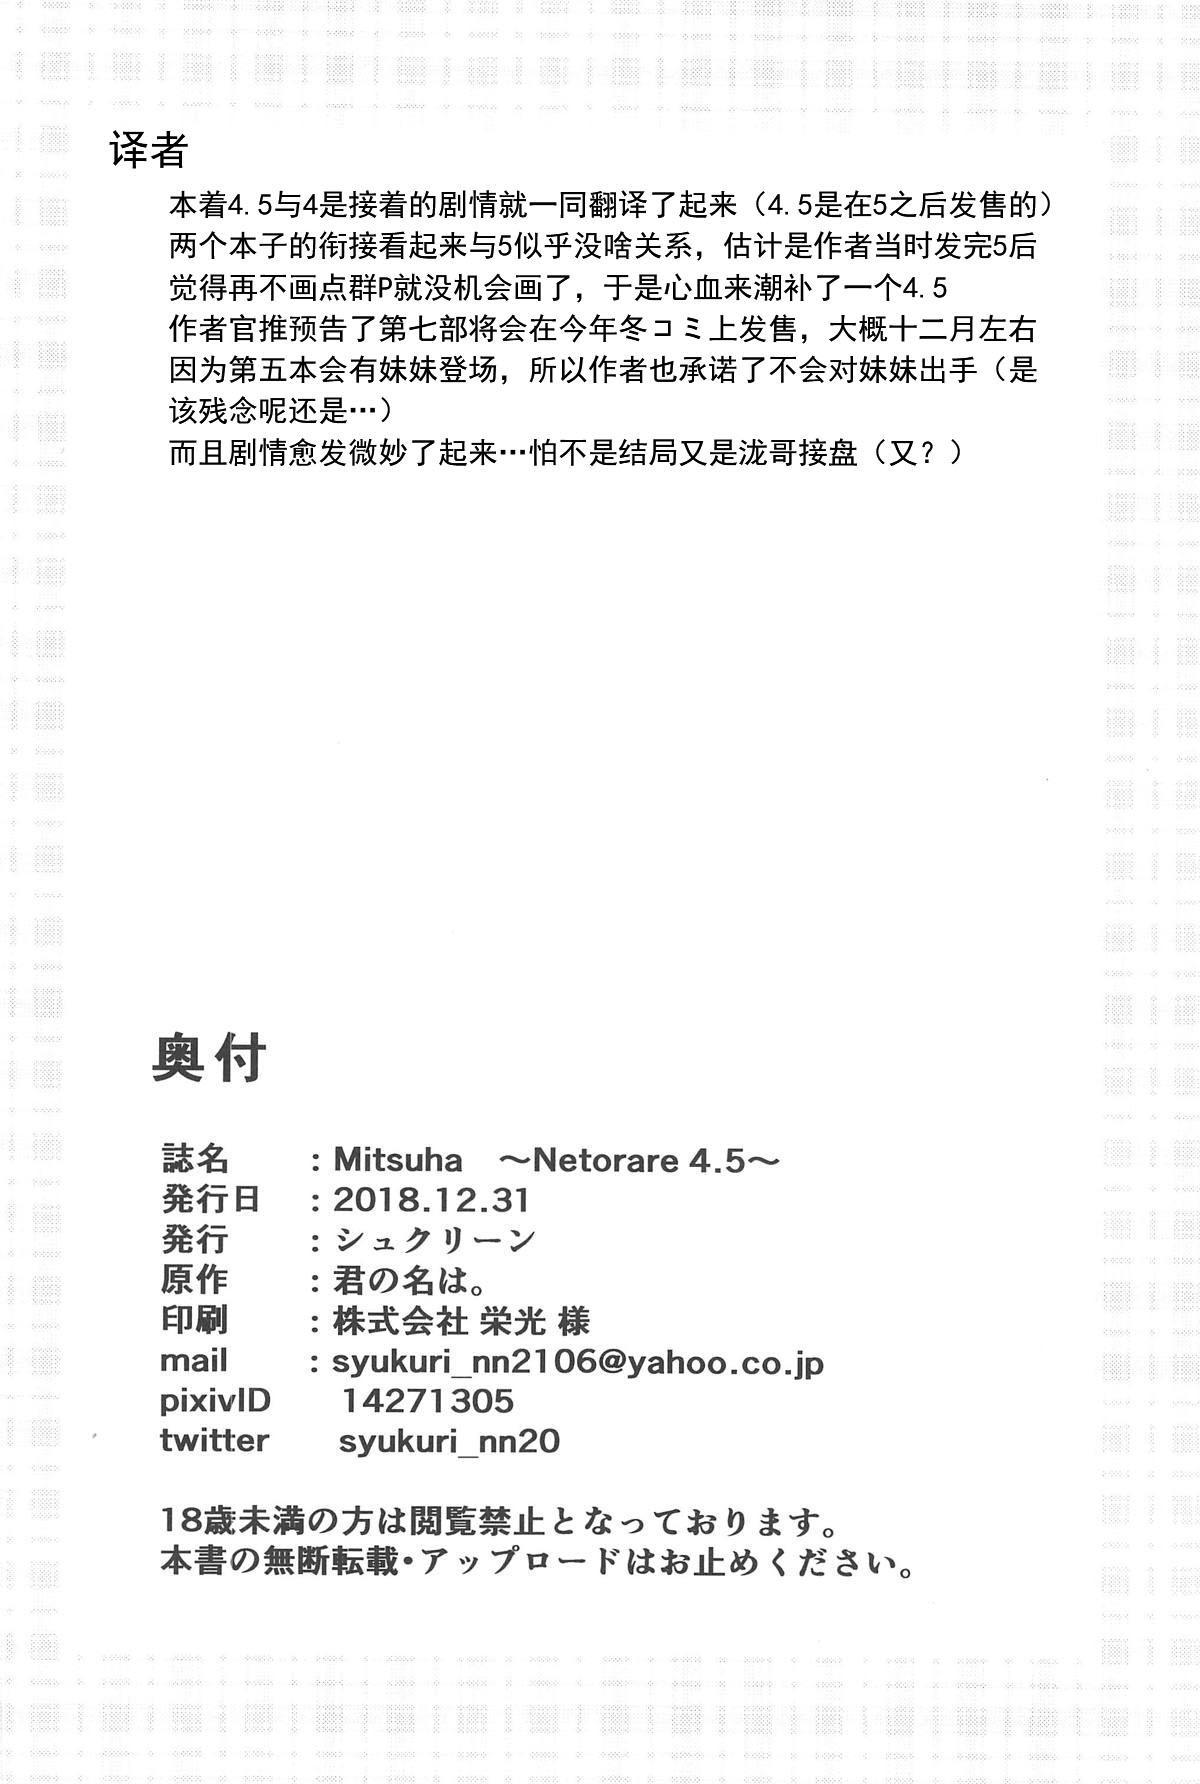 Mitsuha 24